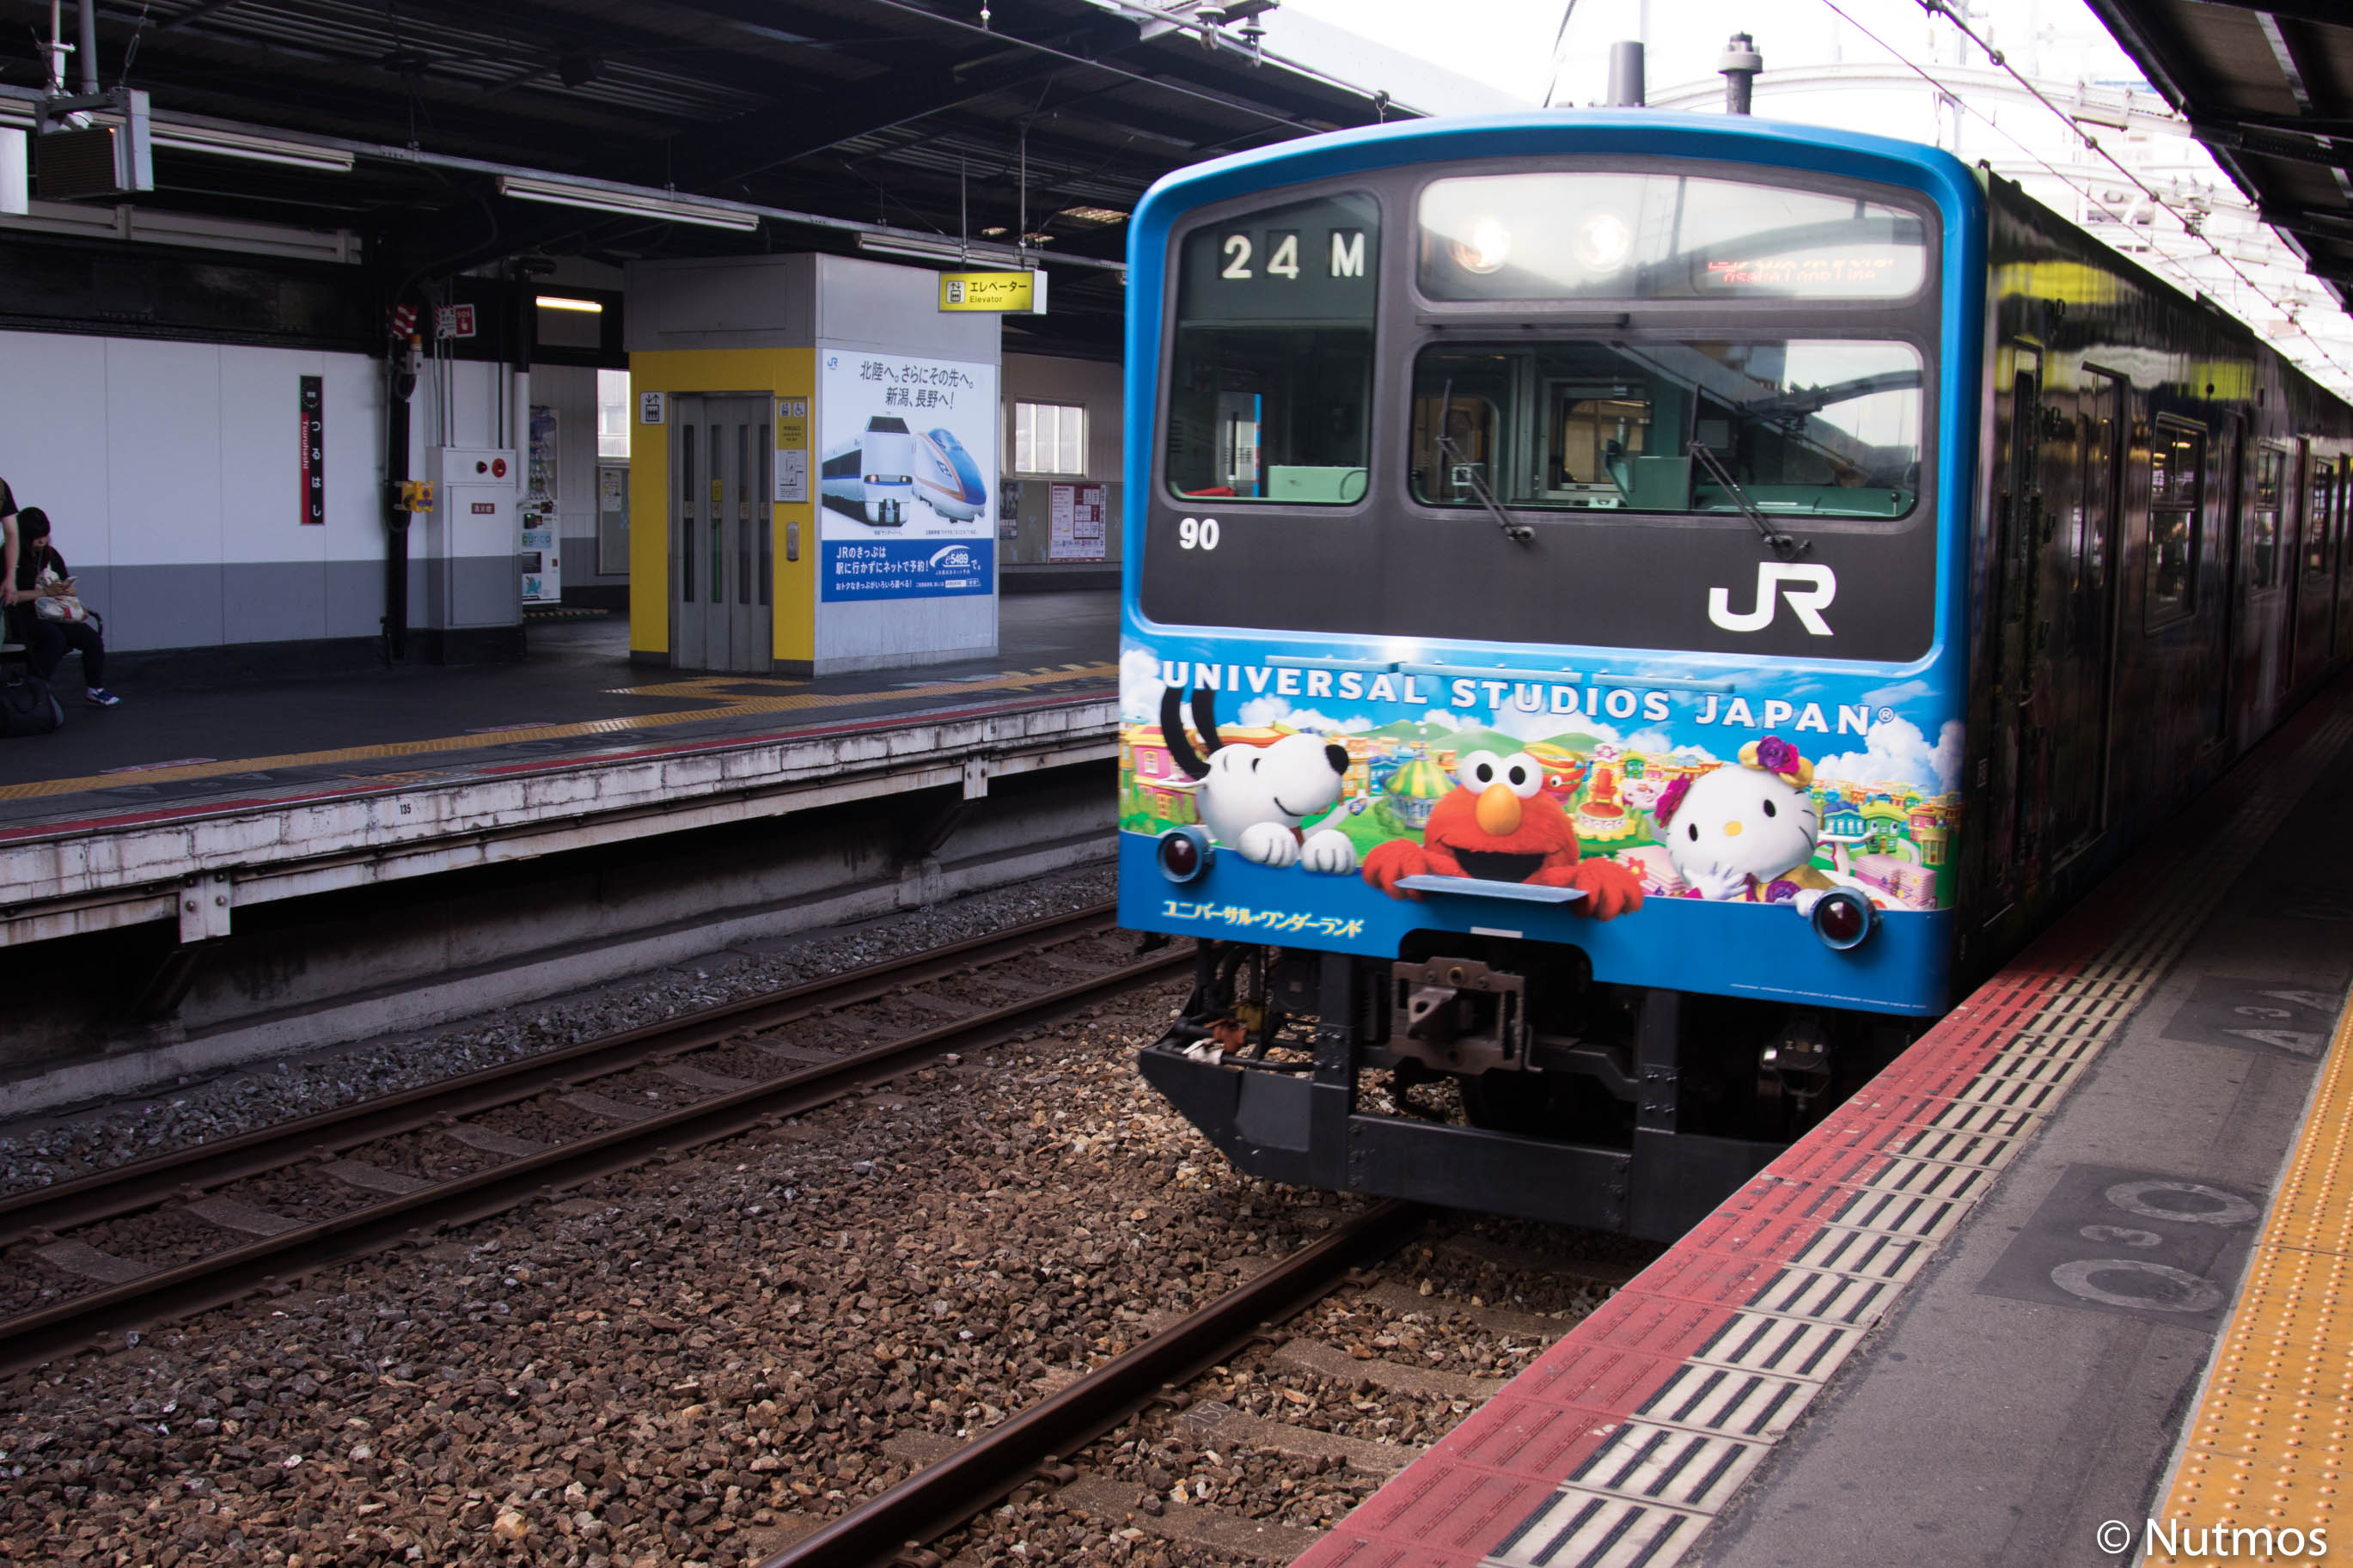 jr-universal-studio-front.jpg